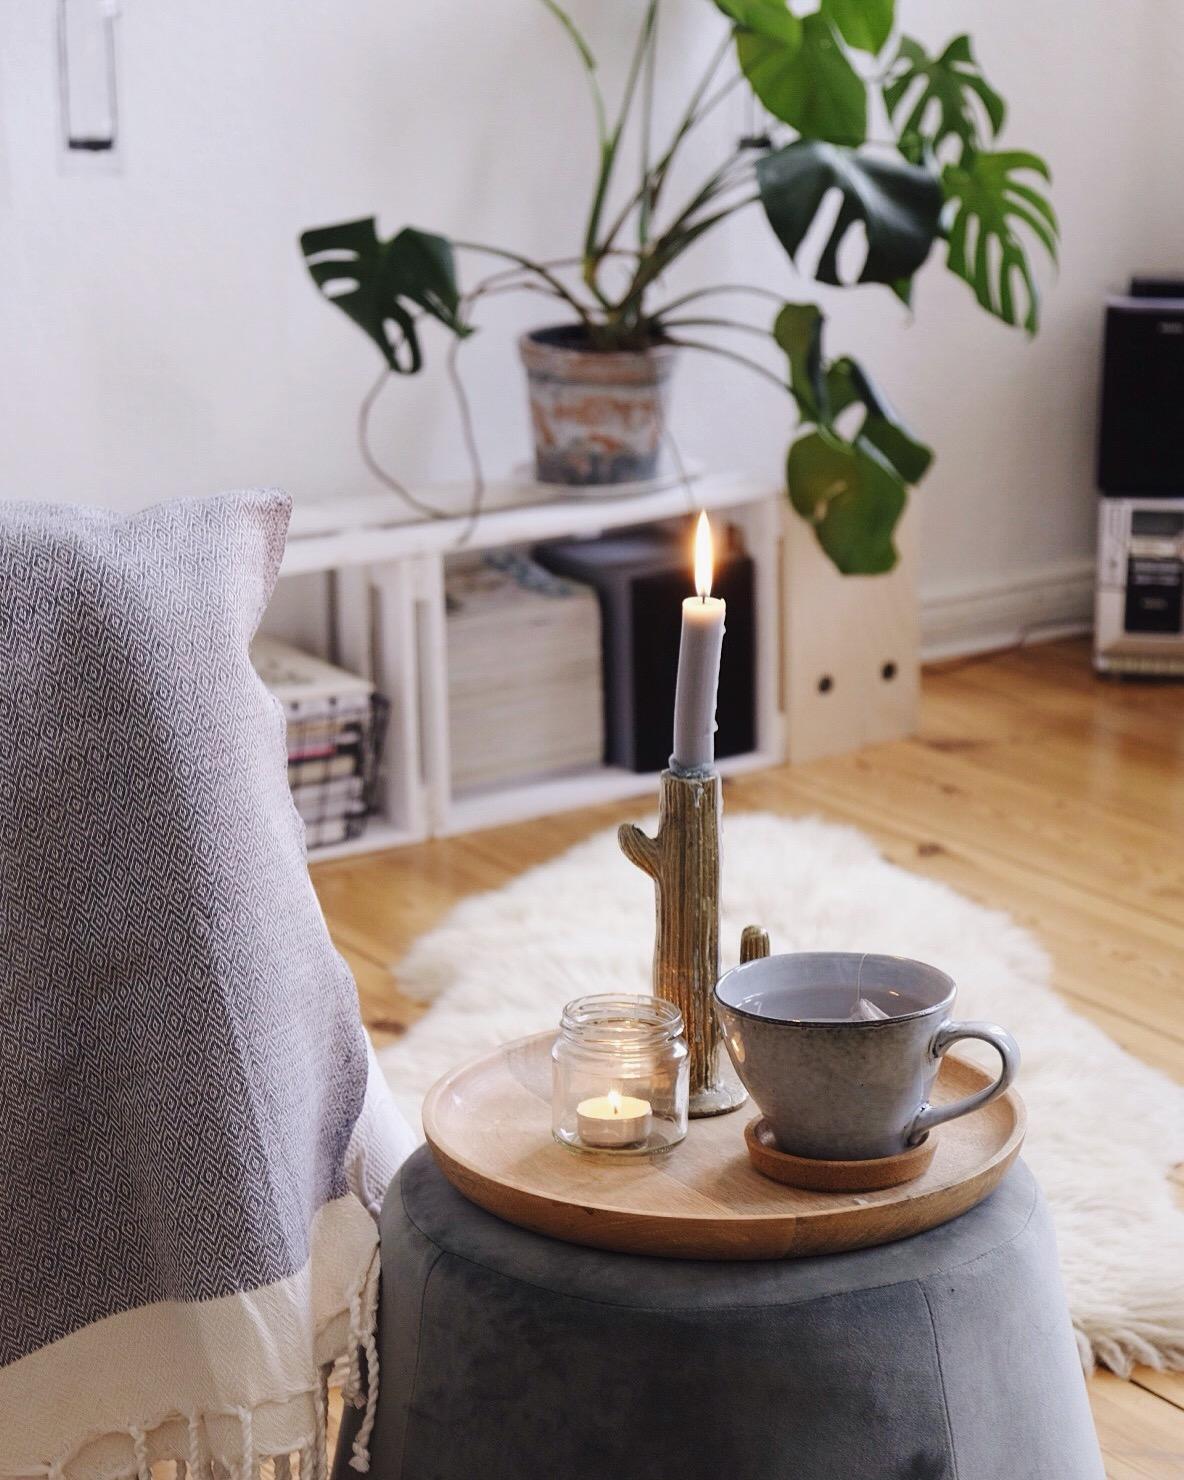 herbststimmung 🍁🍂 #deko #wohnzimmer #pflanzen #herb • couchstyle, Wohnzimmer